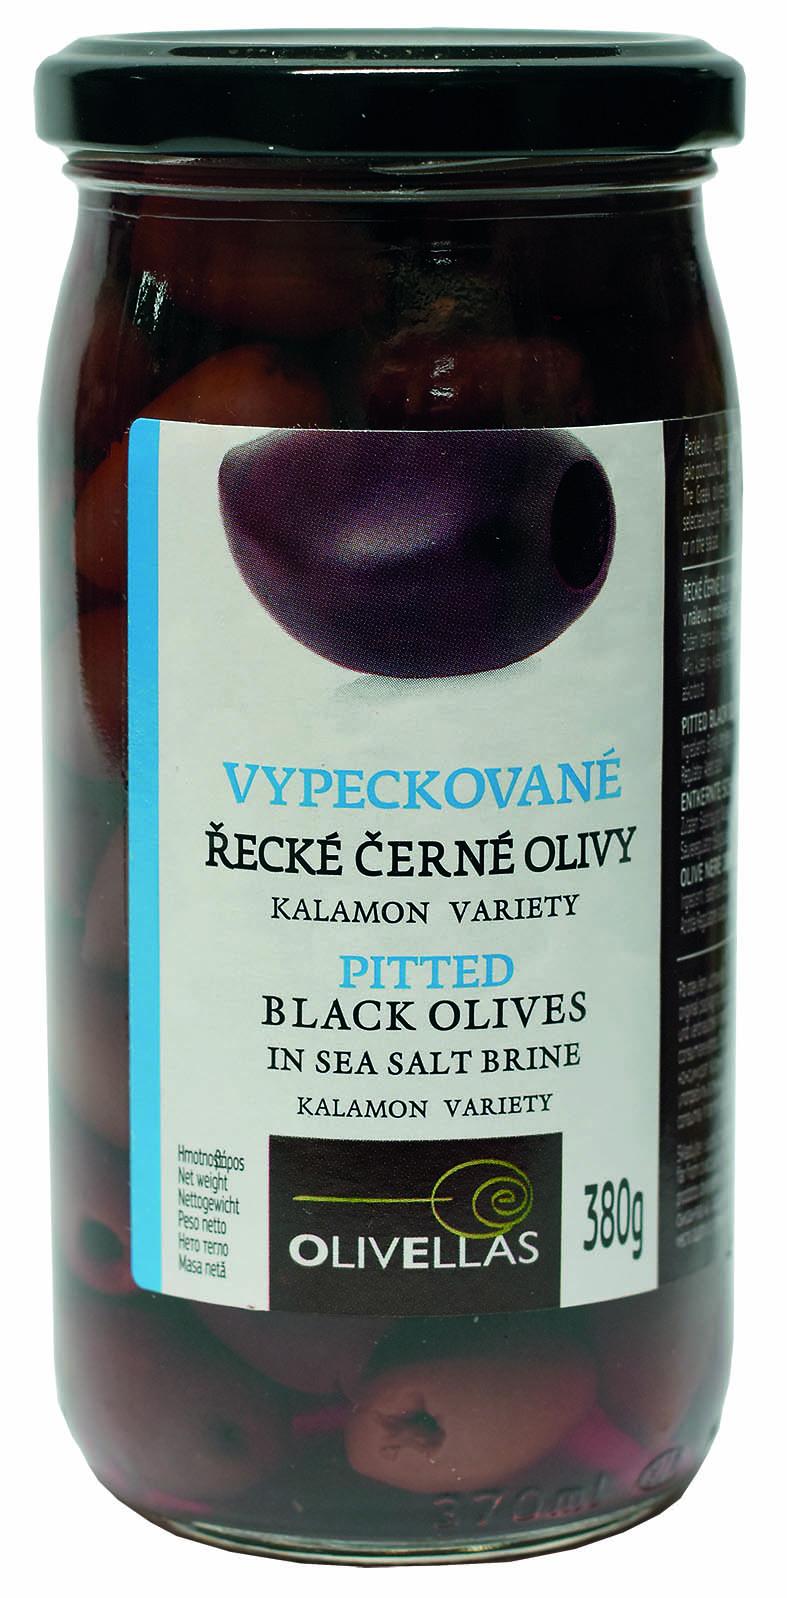 Řecké Černé olivy Kalamata vypeckované